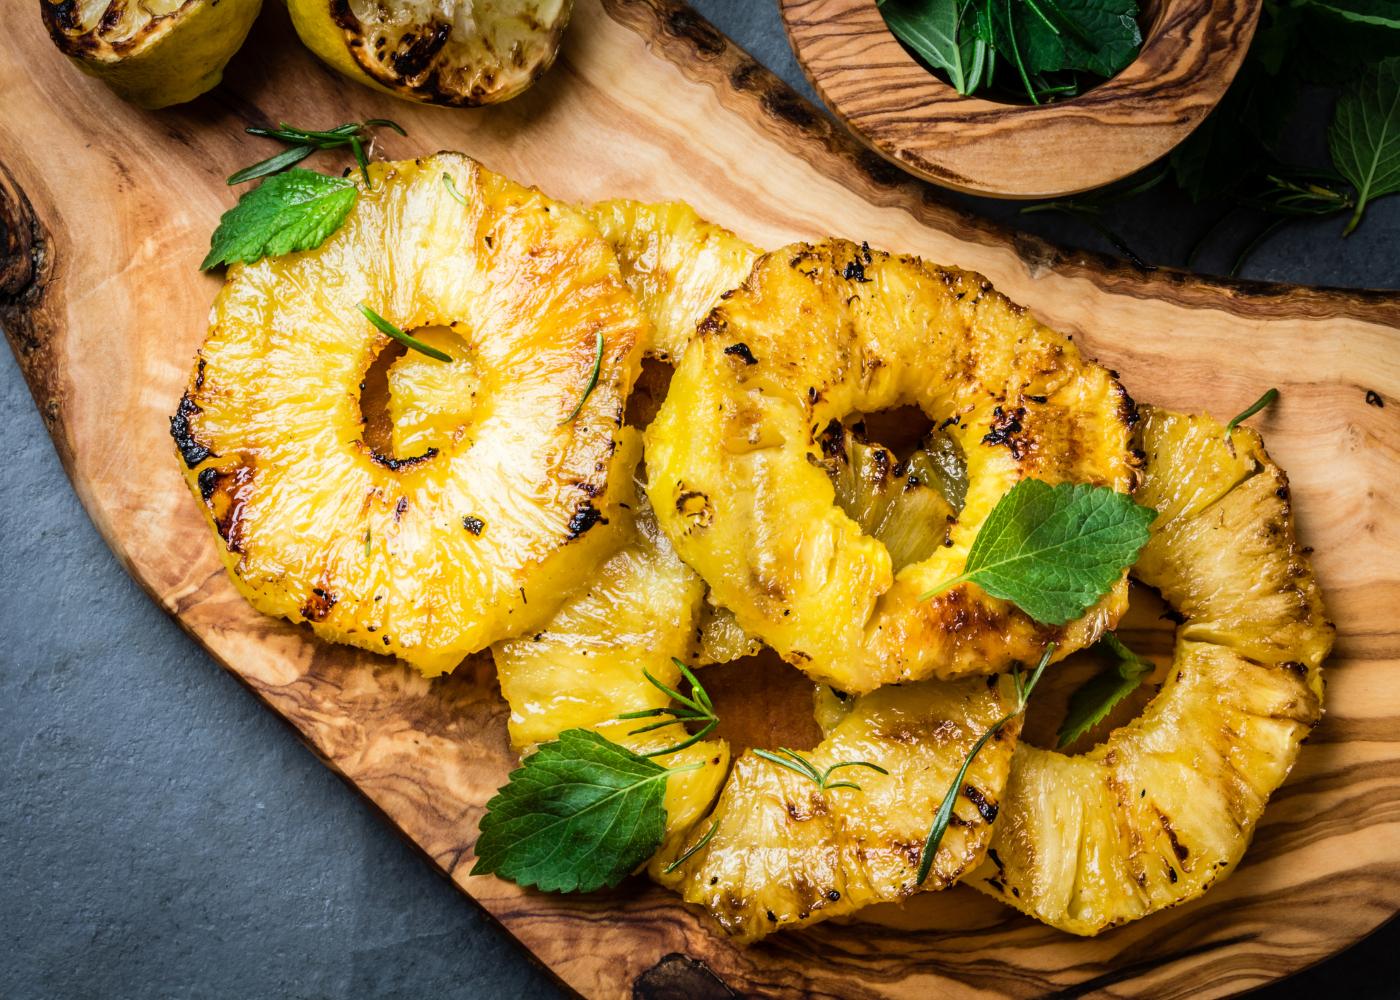 rodelas de ananás assado com canela